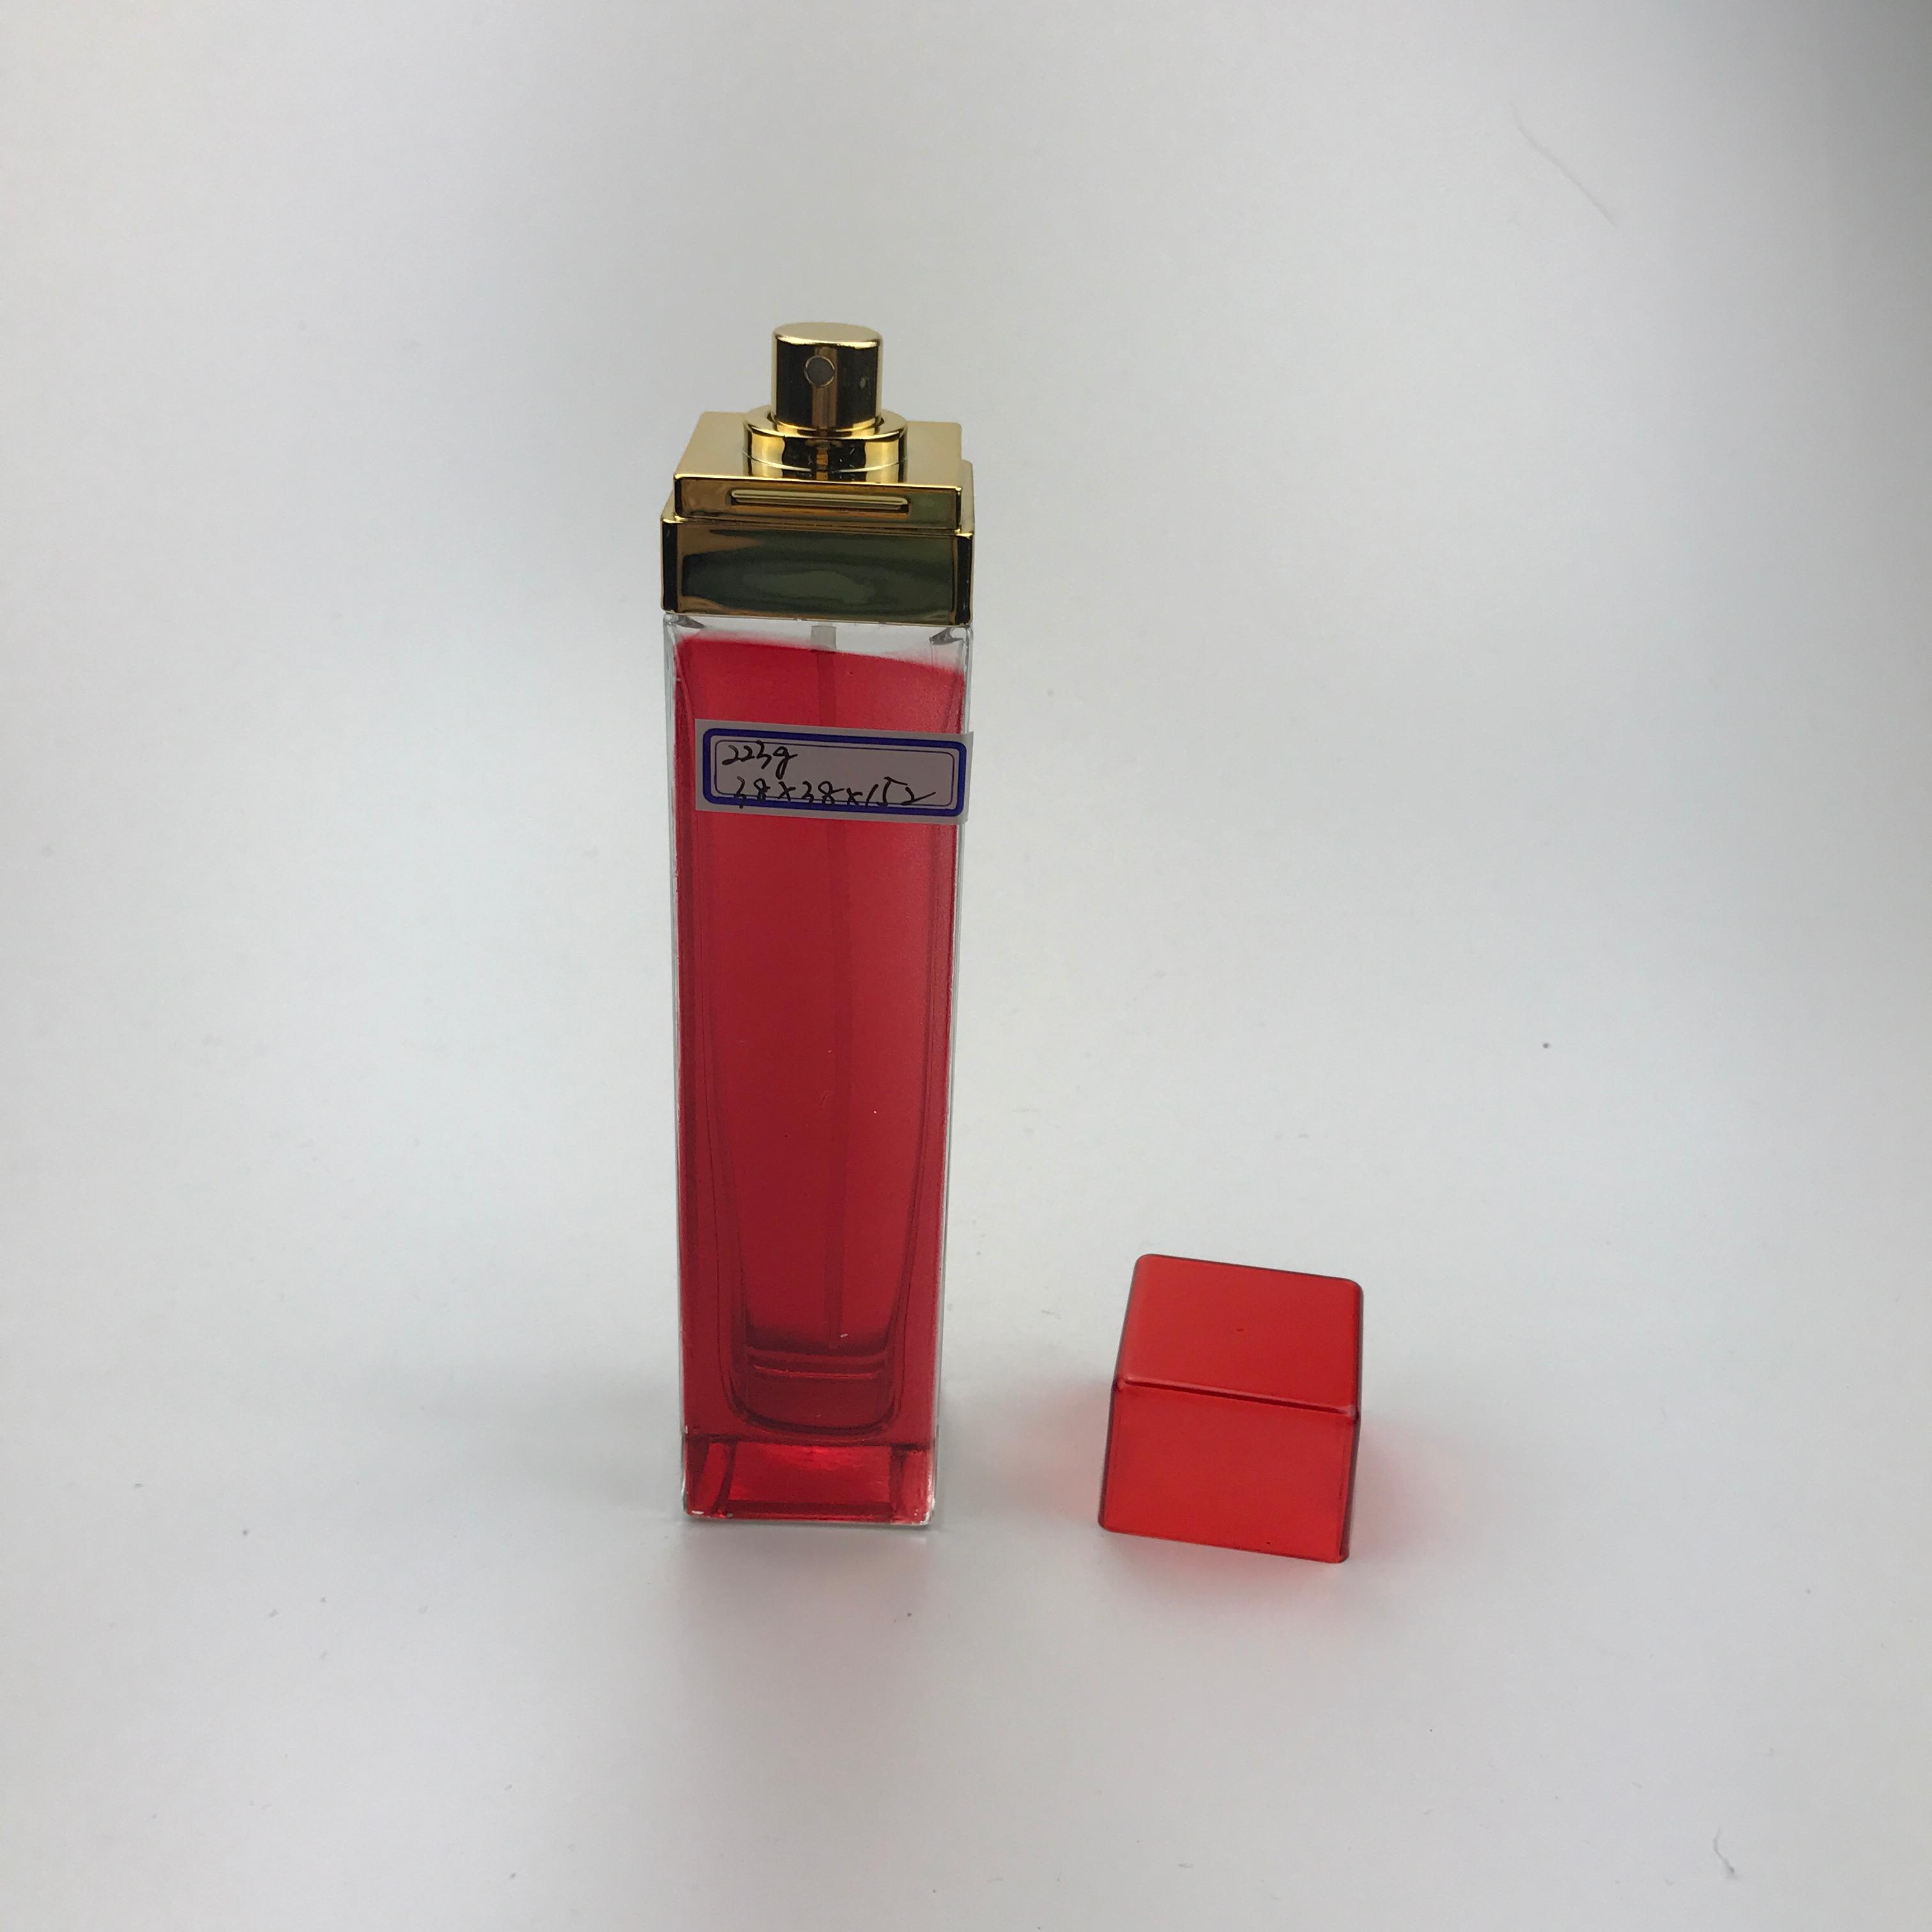 100ミリリットルスクエアシェイプロングスリムガラス香水スプレーボトル